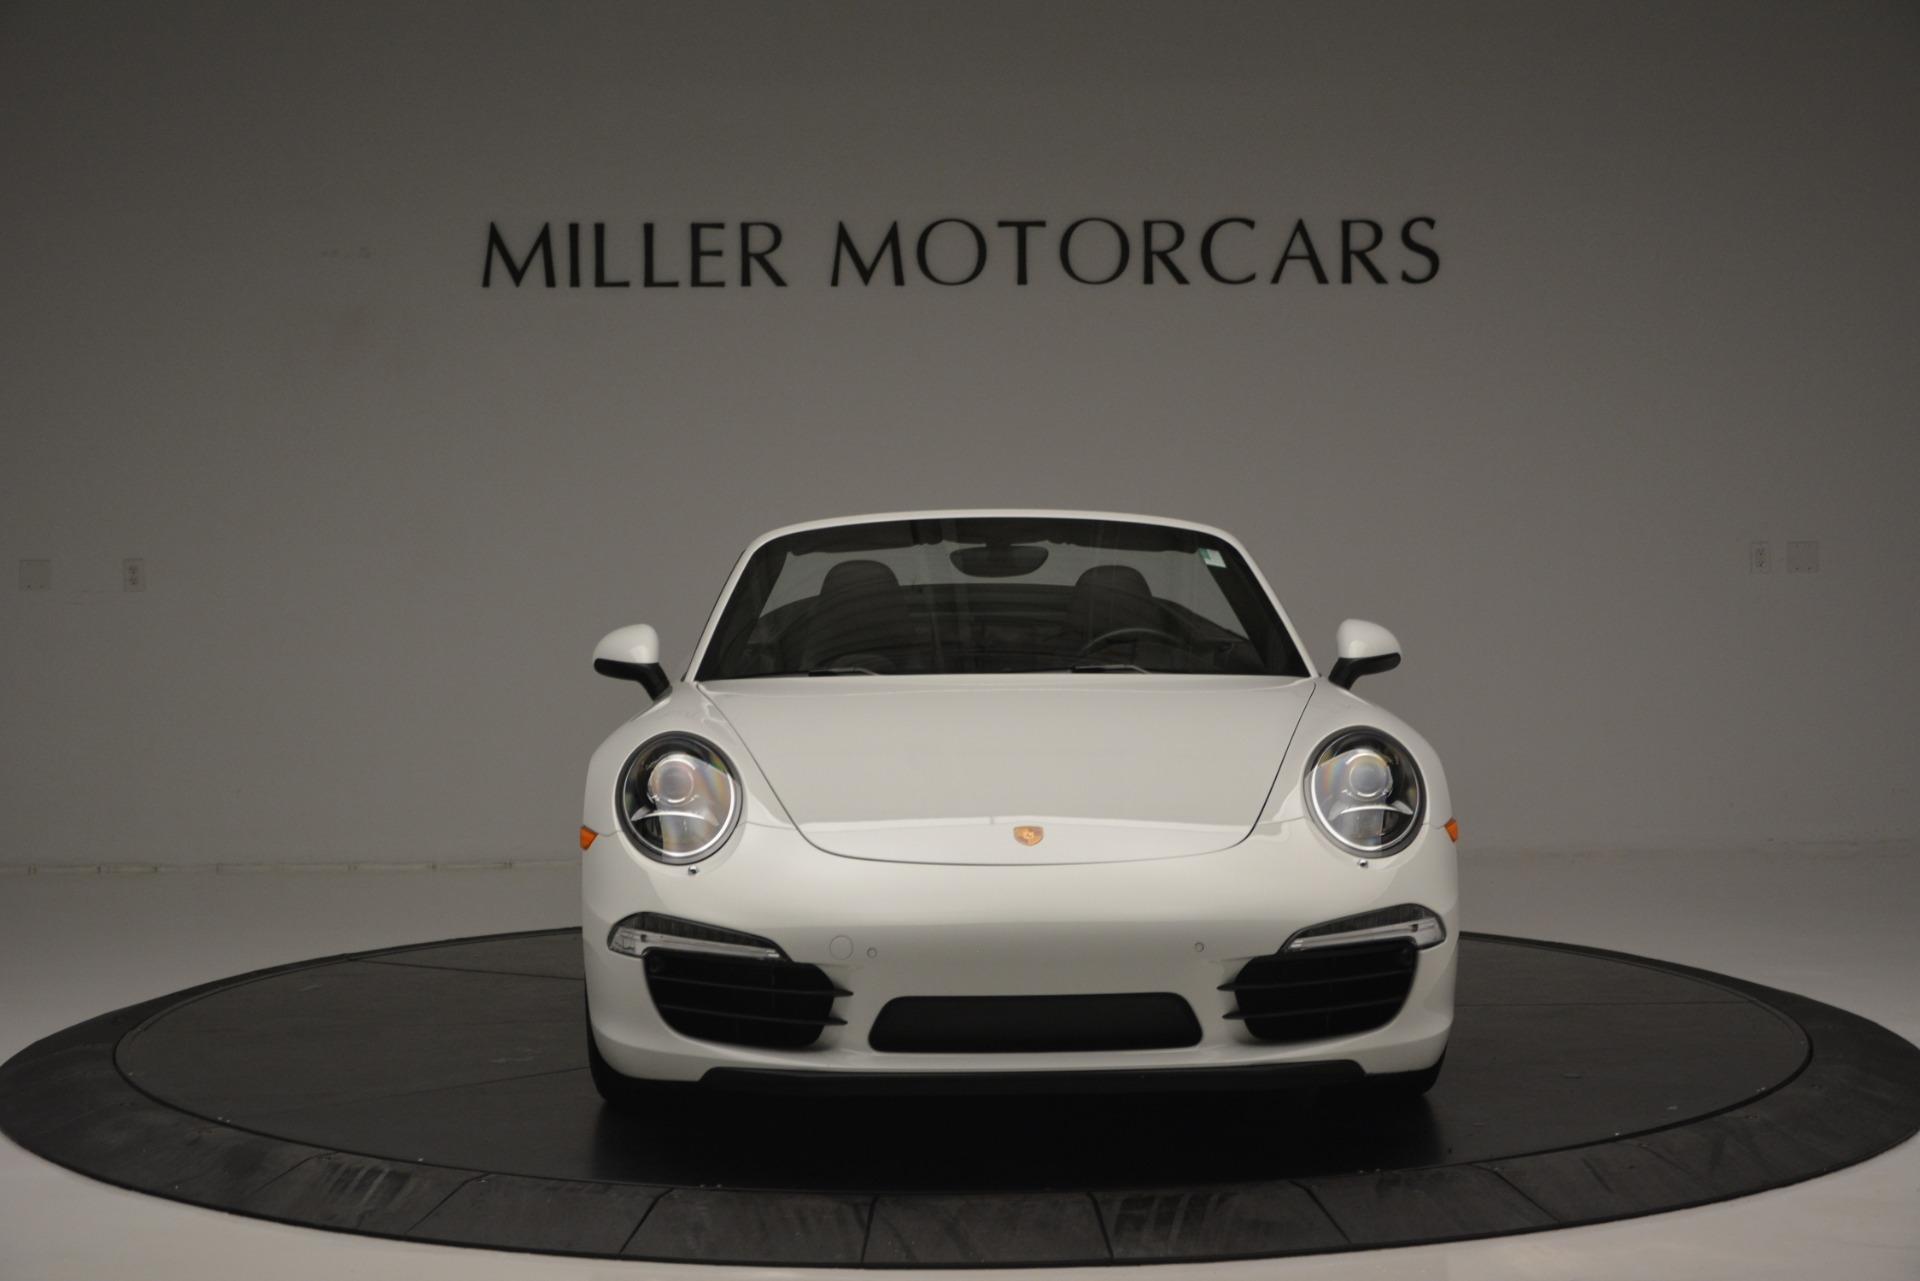 Used 2015 Porsche 911 Carrera S For Sale In Greenwich, CT 2578_p13